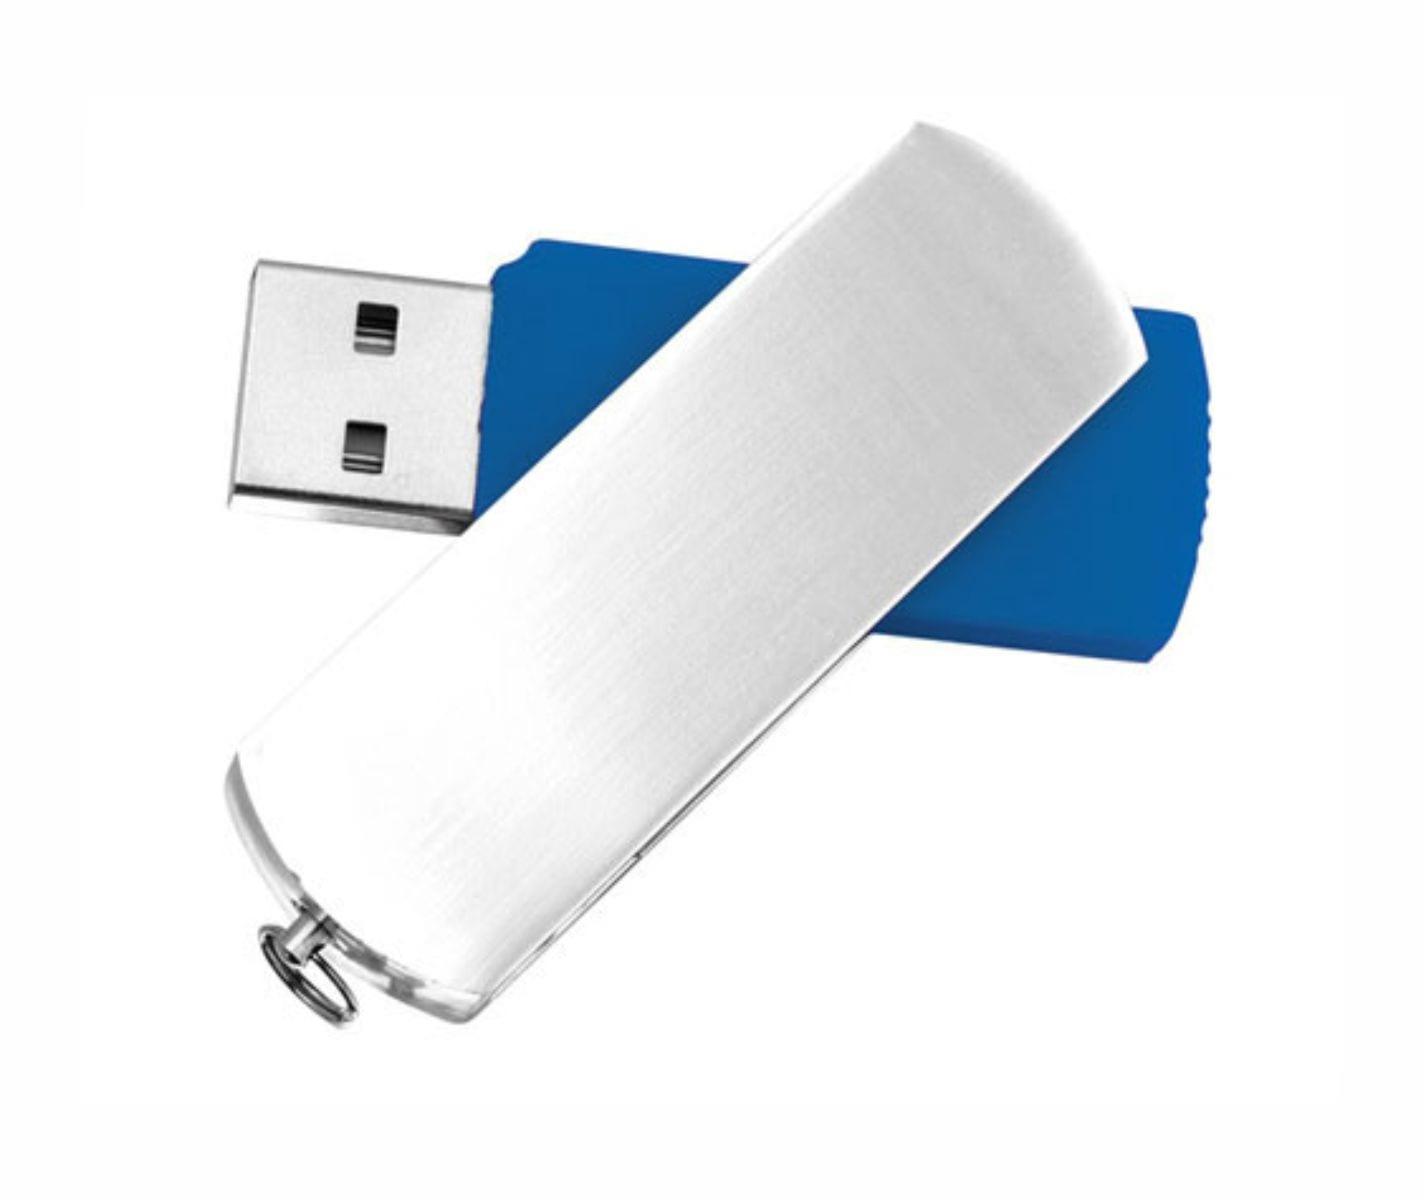 Usb Aluminio Personalizable Azul